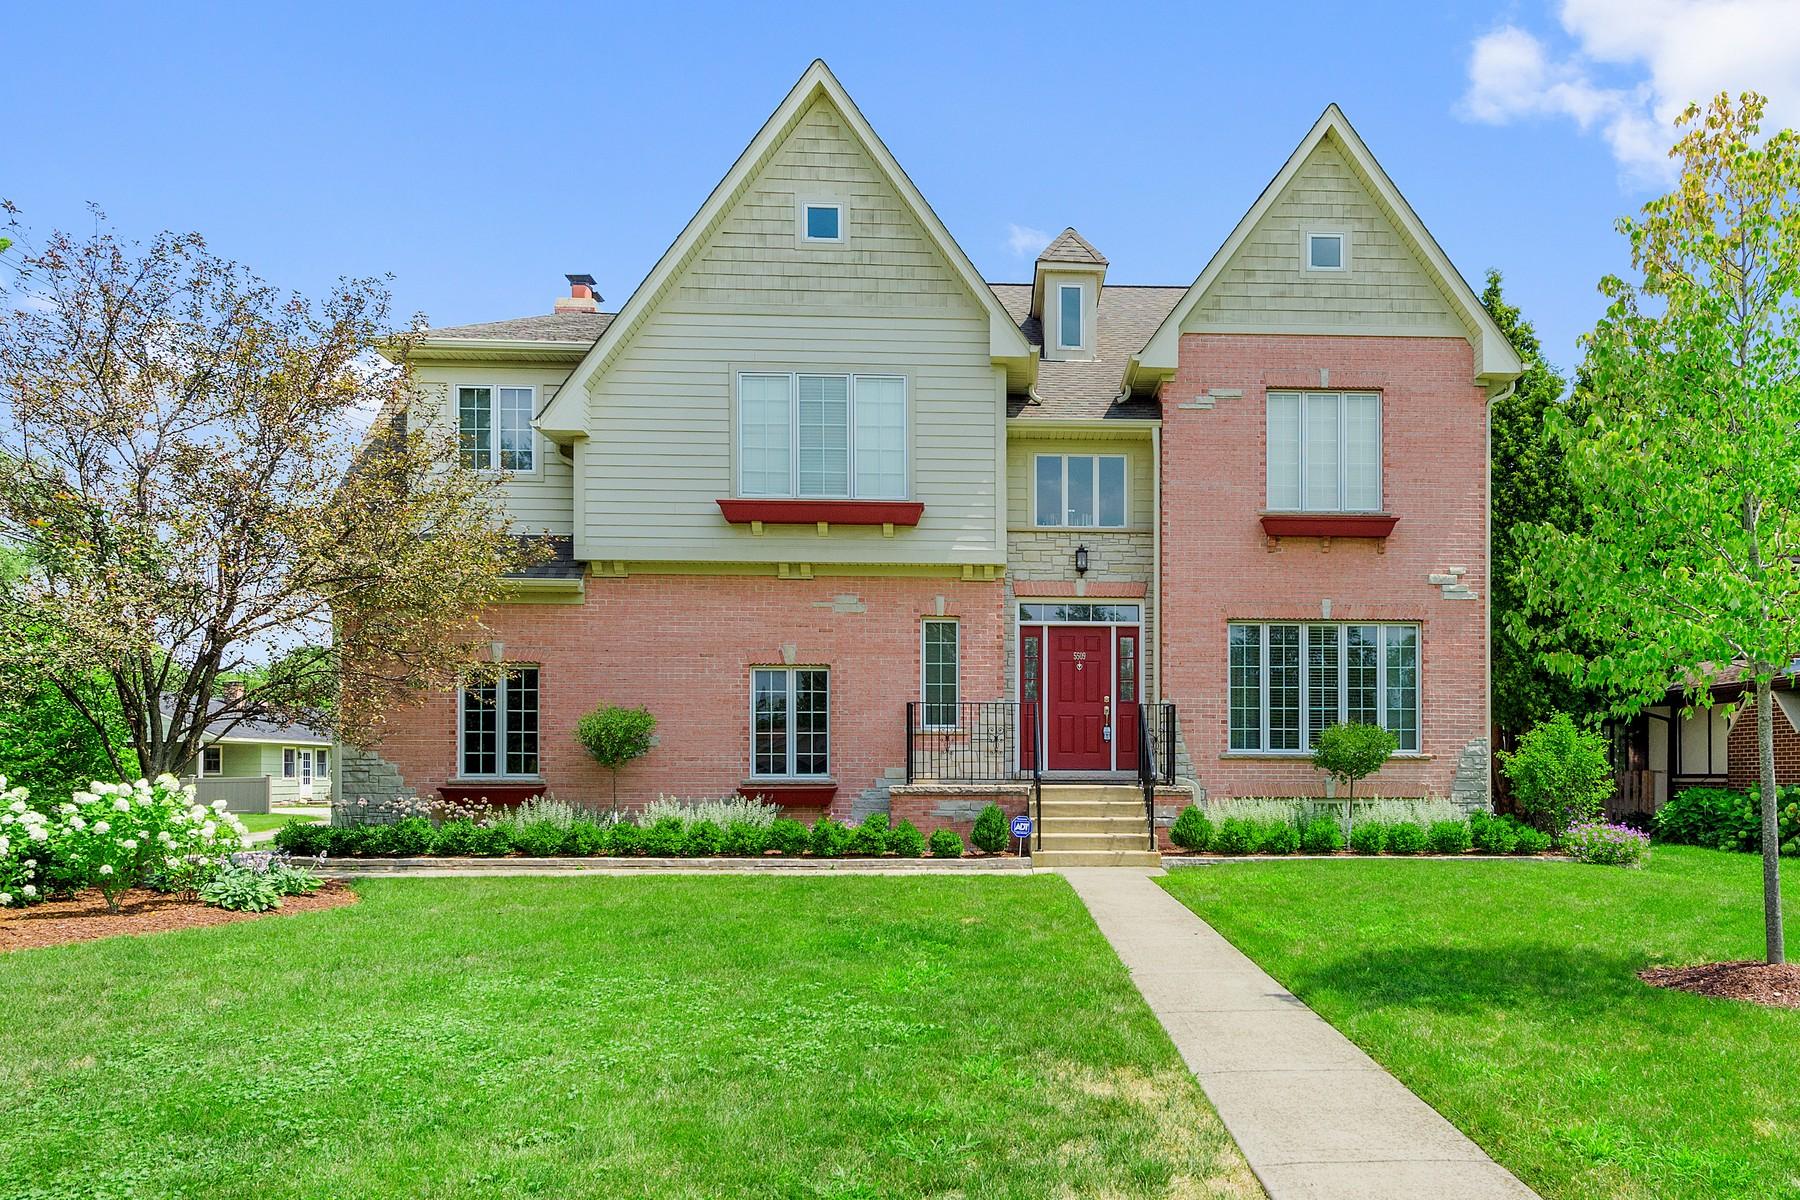 Tek Ailelik Ev için Satış at Quincy 5509 S. Quincy Hinsdale, Illinois, 60521 Amerika Birleşik Devletleri